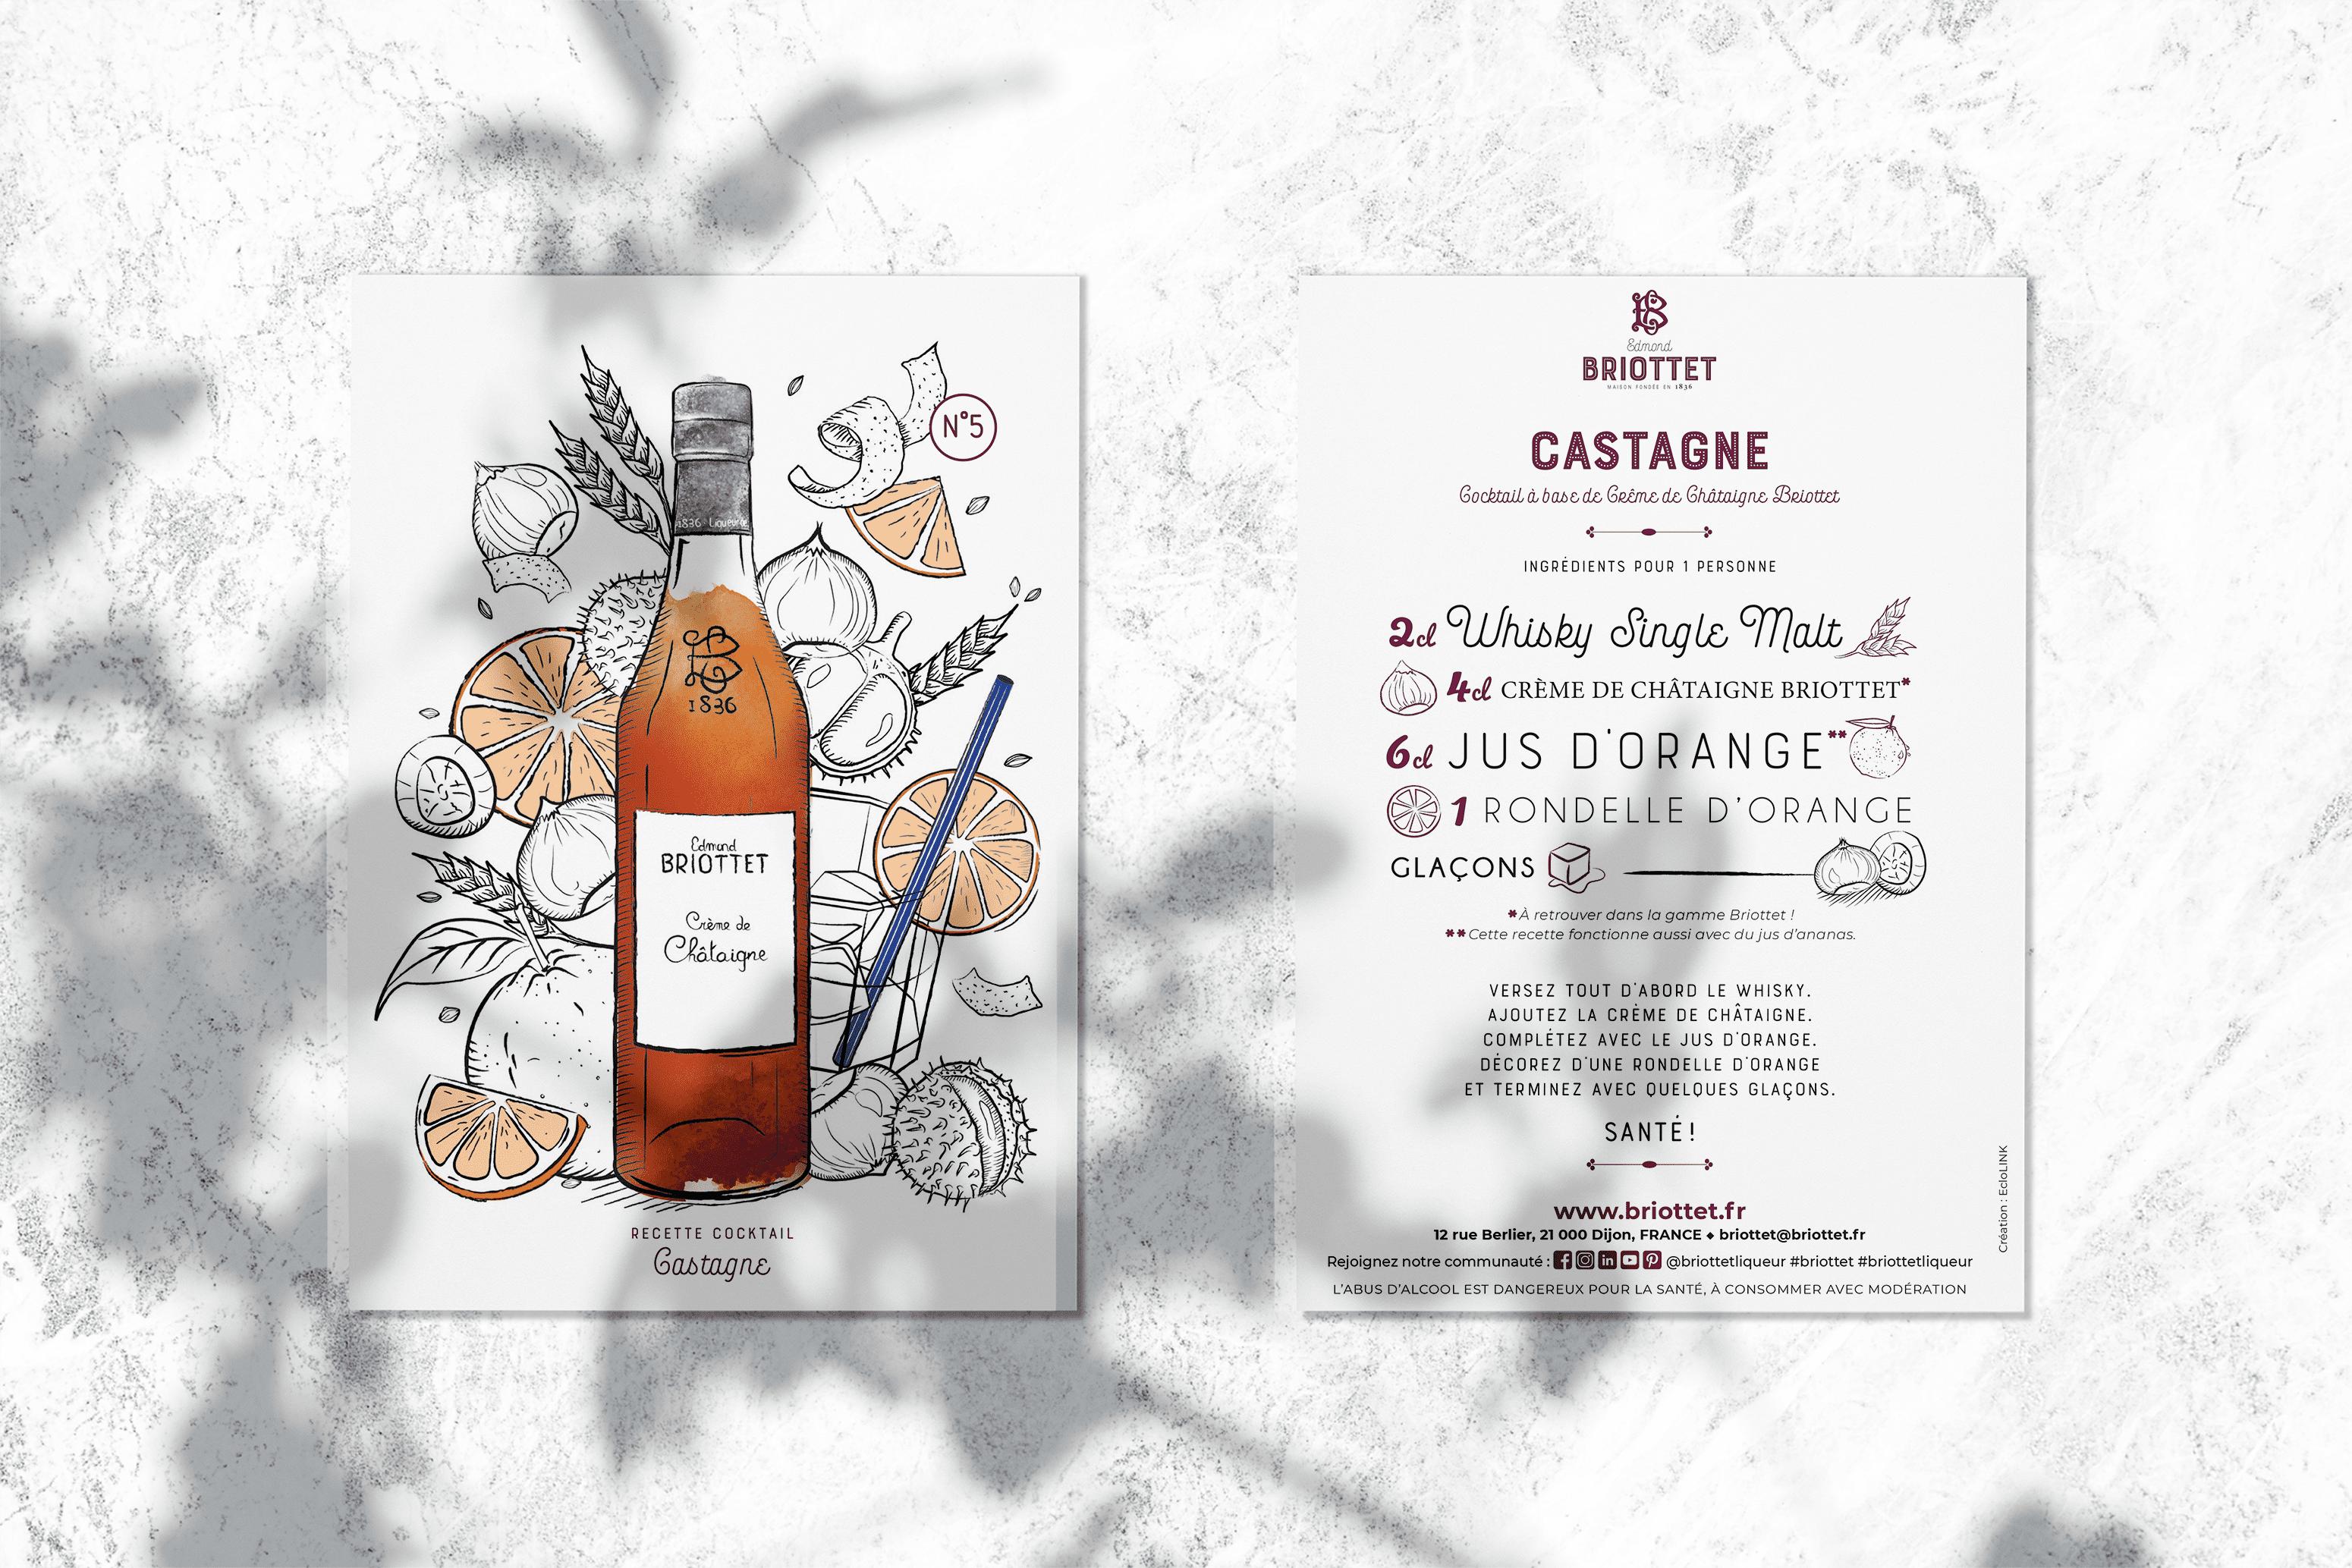 Collection de cartes recettes Briottet N°5 avec recette du Castagne.Une recette à base de Crème de Champagne Briottet et Whisky Single Malt